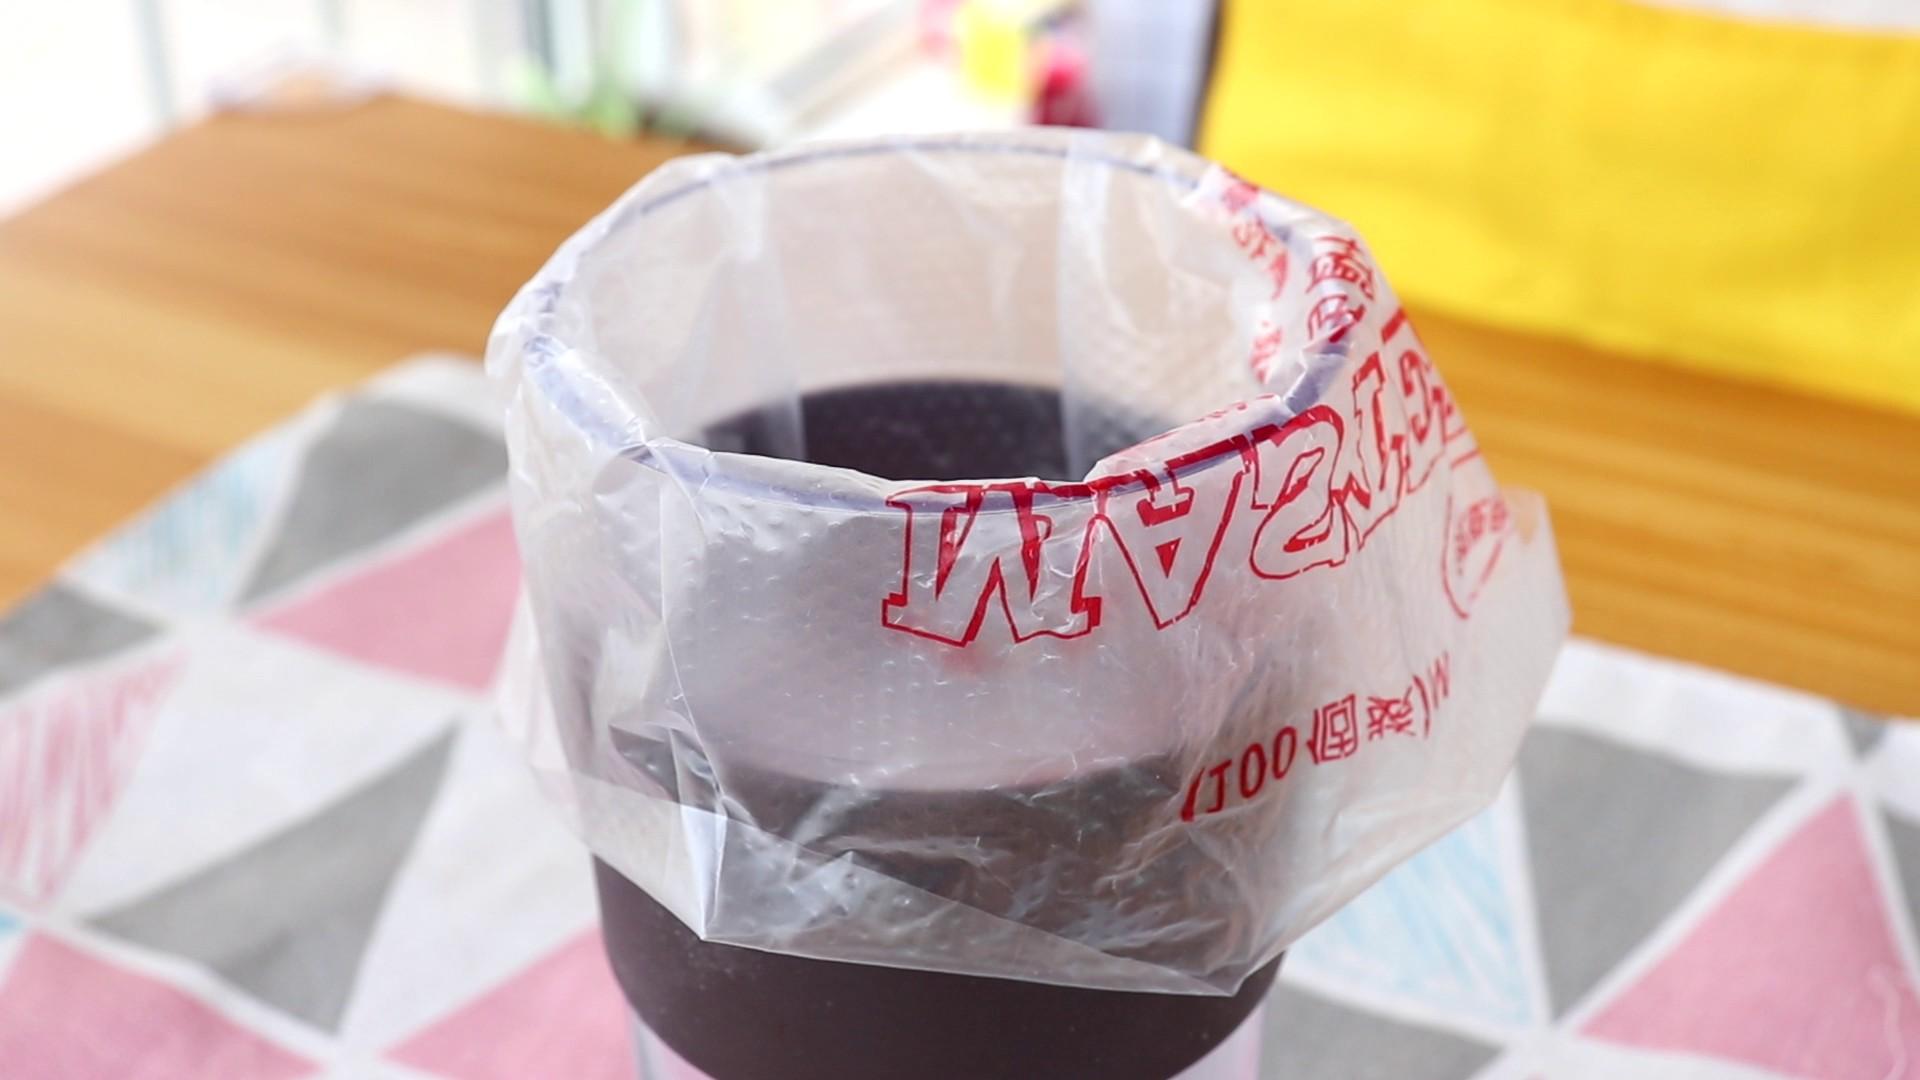 手指饼干,裱花嘴装入裱花袋中,装到高脚杯中,备用</p> <p>tips:不用裱花嘴也可以哦